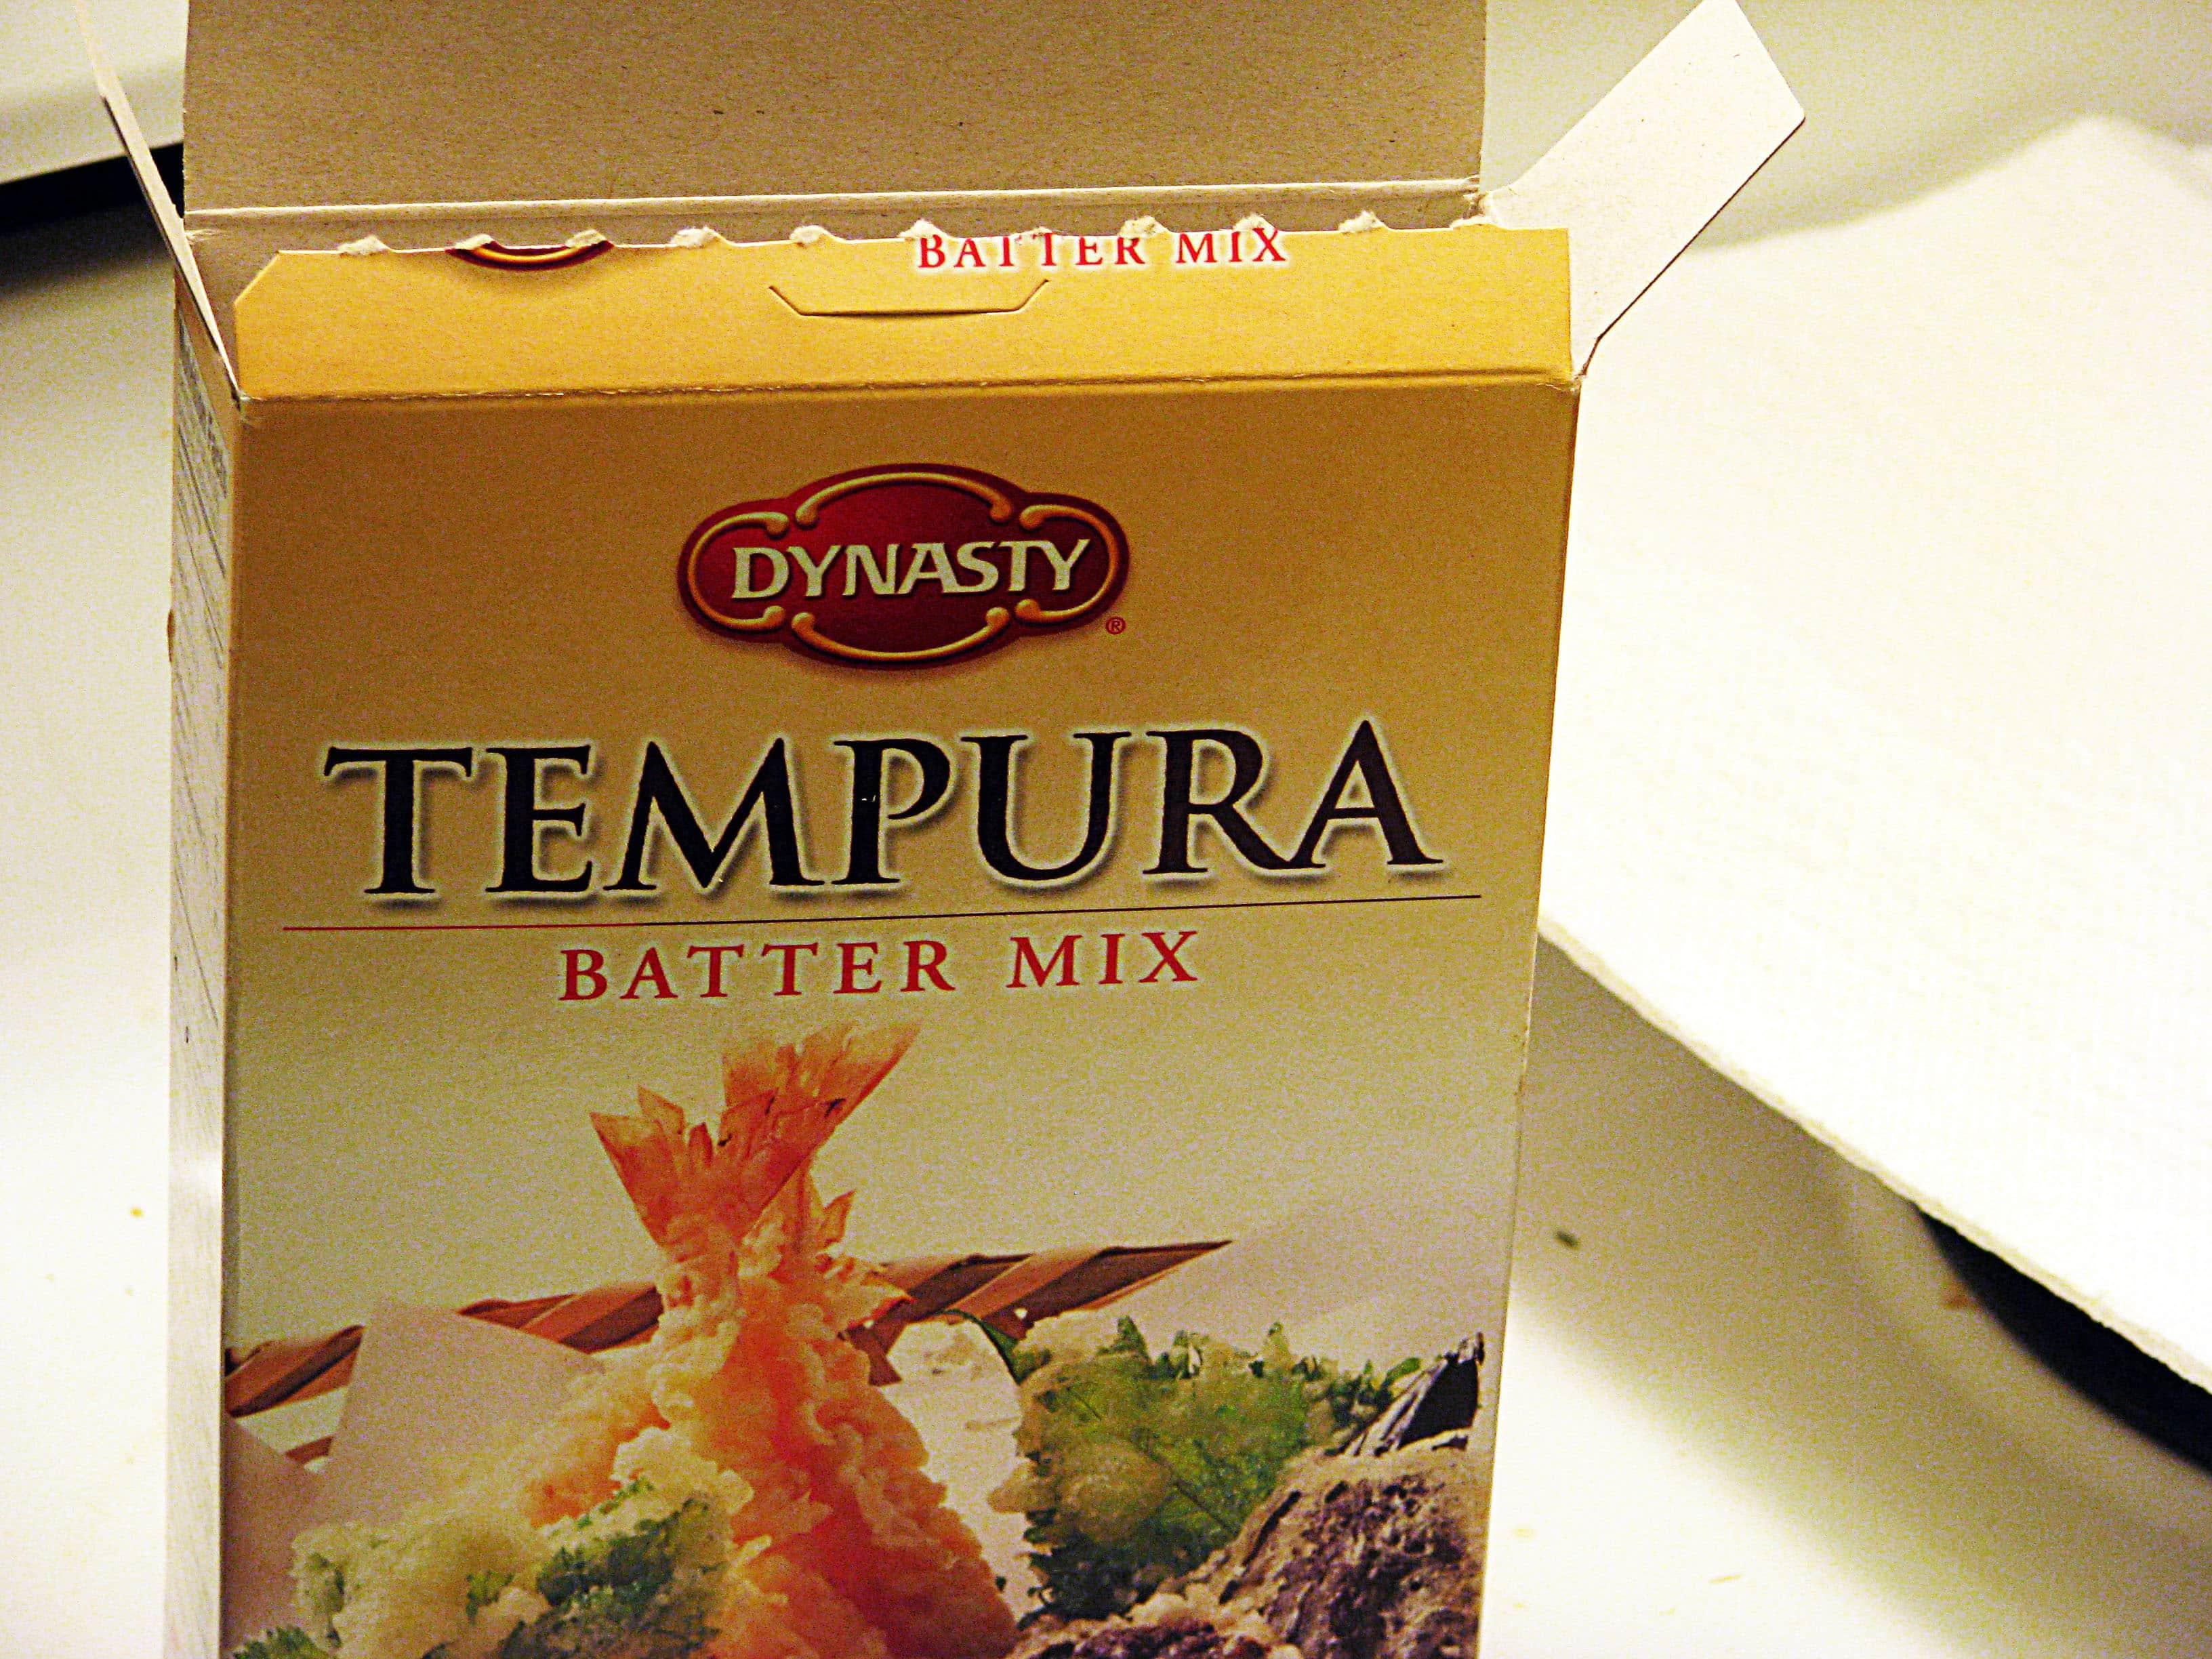 tempura batter mix instructions